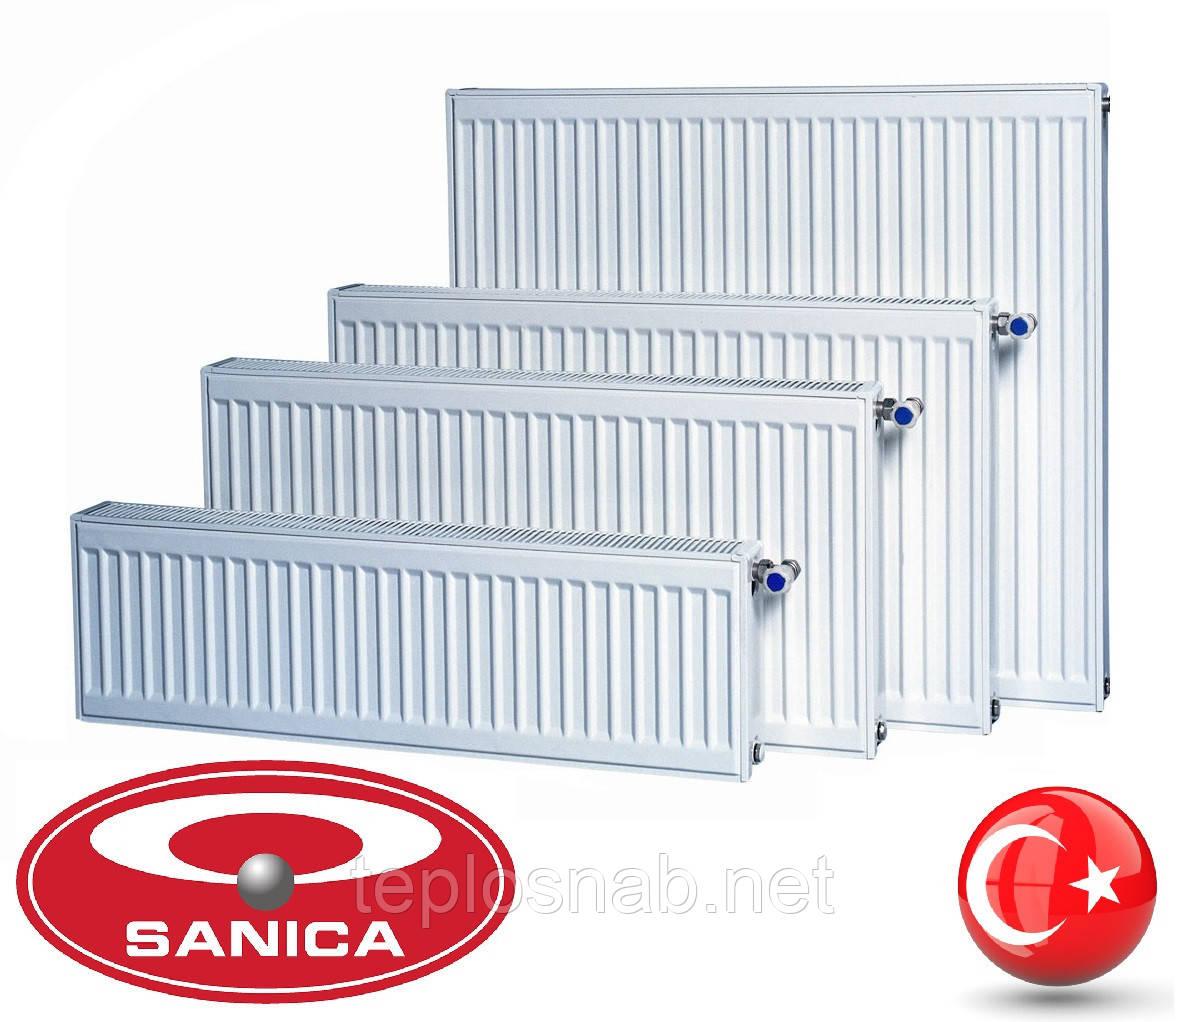 Стальной радиатор Sanica 11 тип (500 х 1800 мм) / 1777 Вт